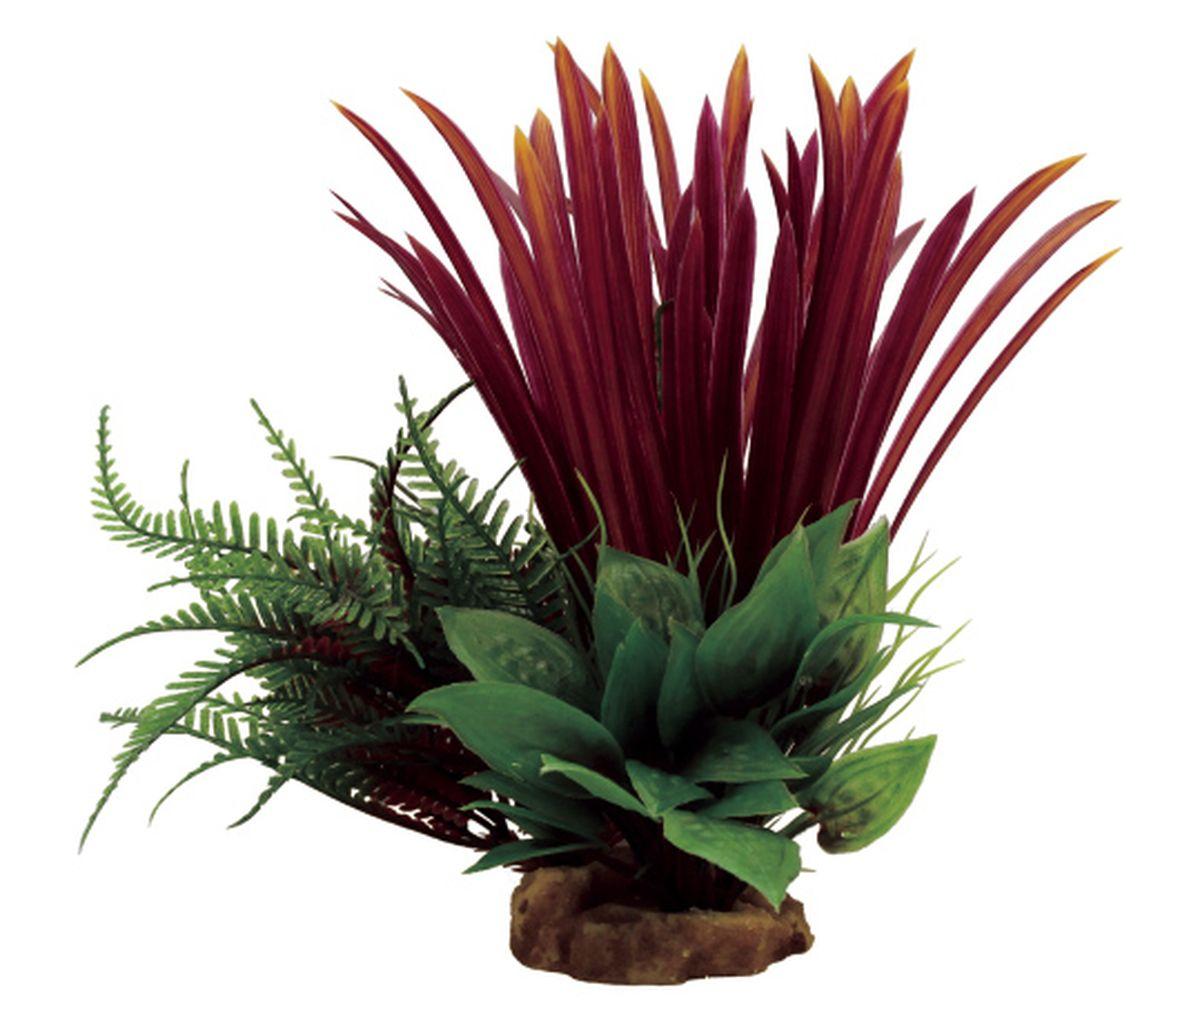 Композиция из растений для аквариума ArtUniq Бликса красная, 18 x 15 x 23 смART-1130802Композиция из растений для аквариума ArtUniq Бликса красная, 18 x 15 x 23 см